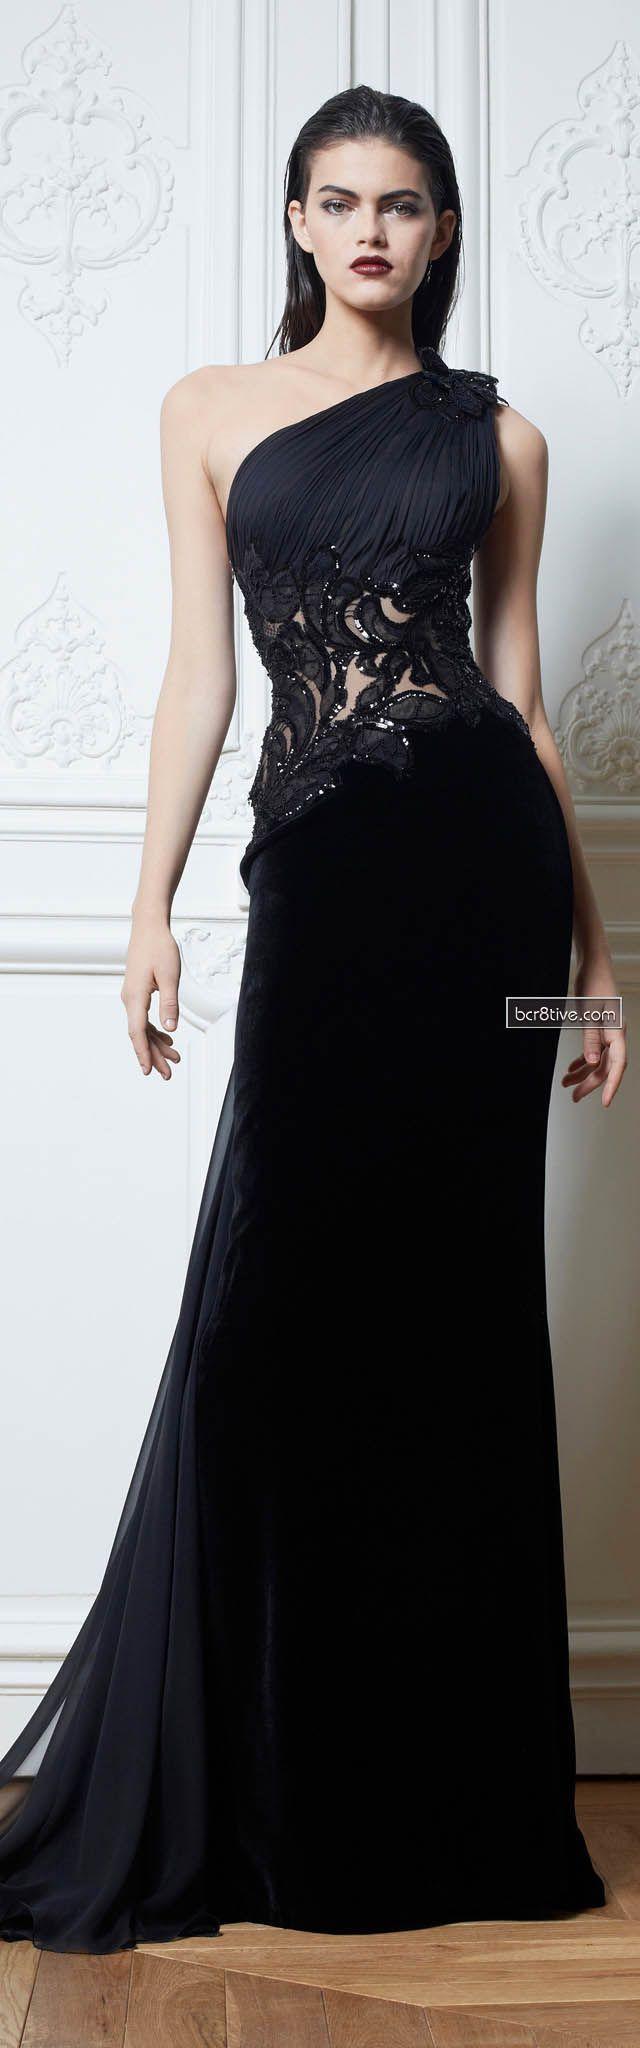 Zuhair Murad Fall 2013 RTW. Stunning dress that has been stunningly modelled.